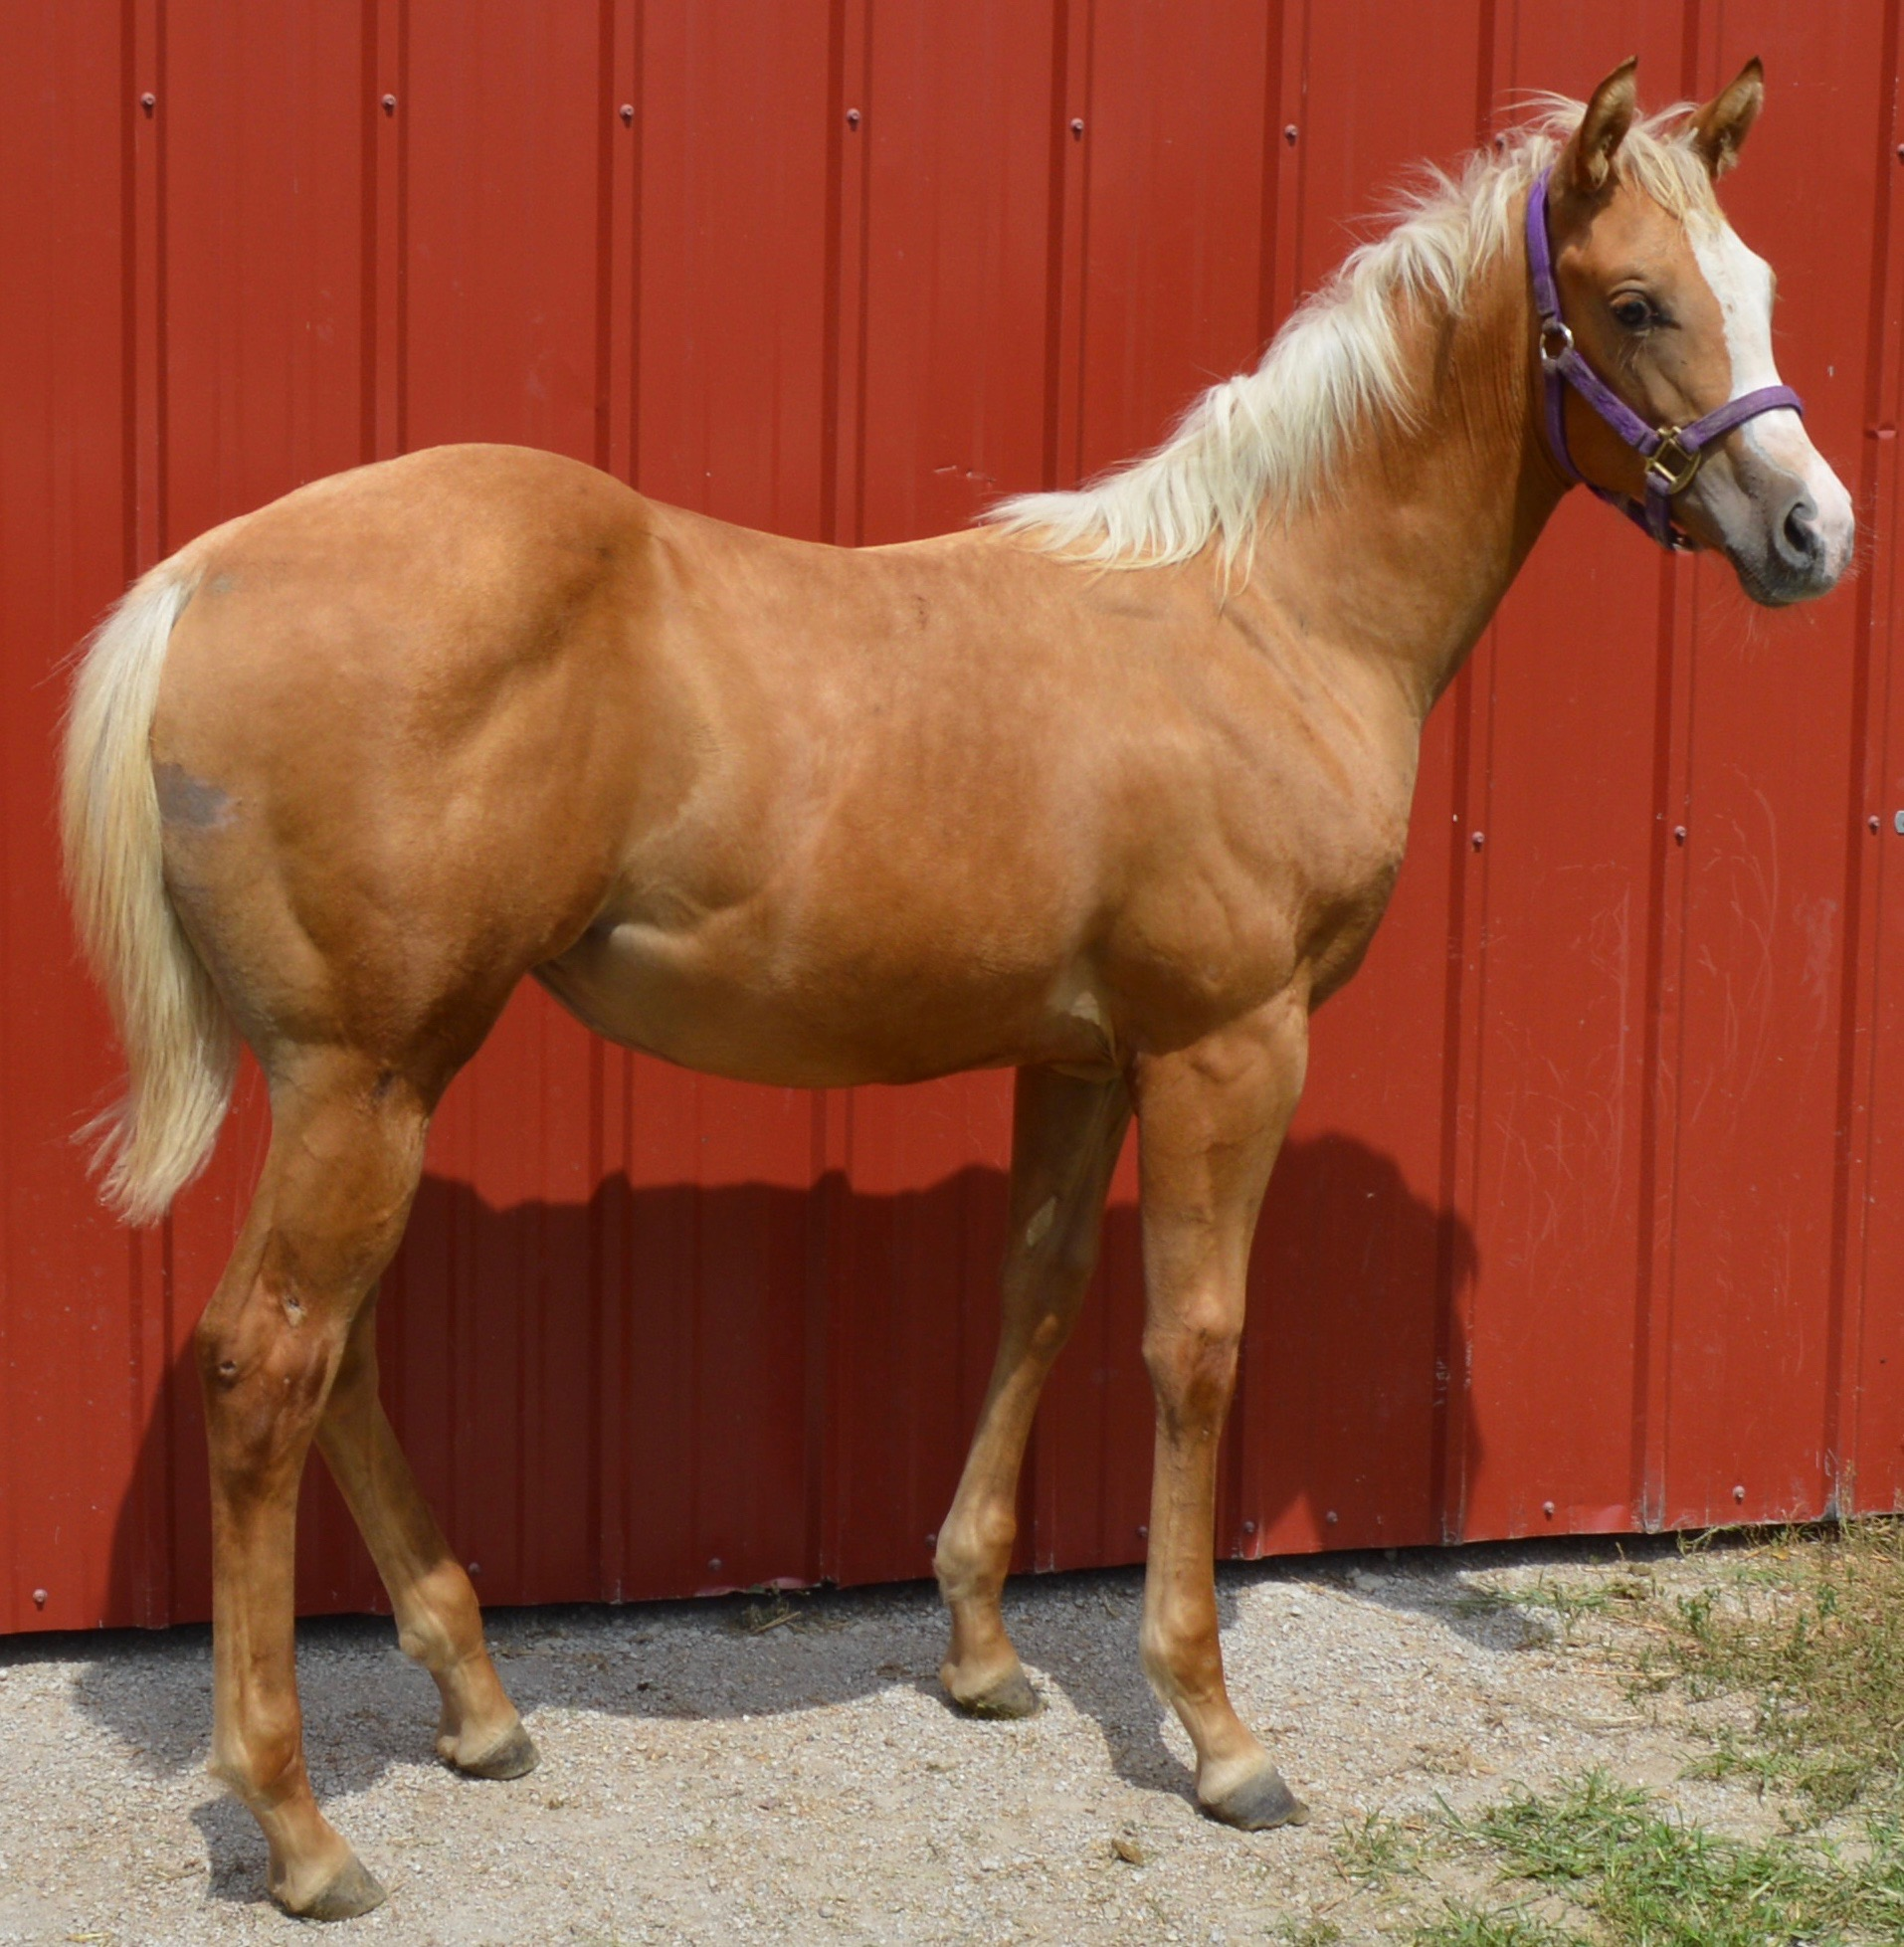 For Sale - Porter Quarter Horses